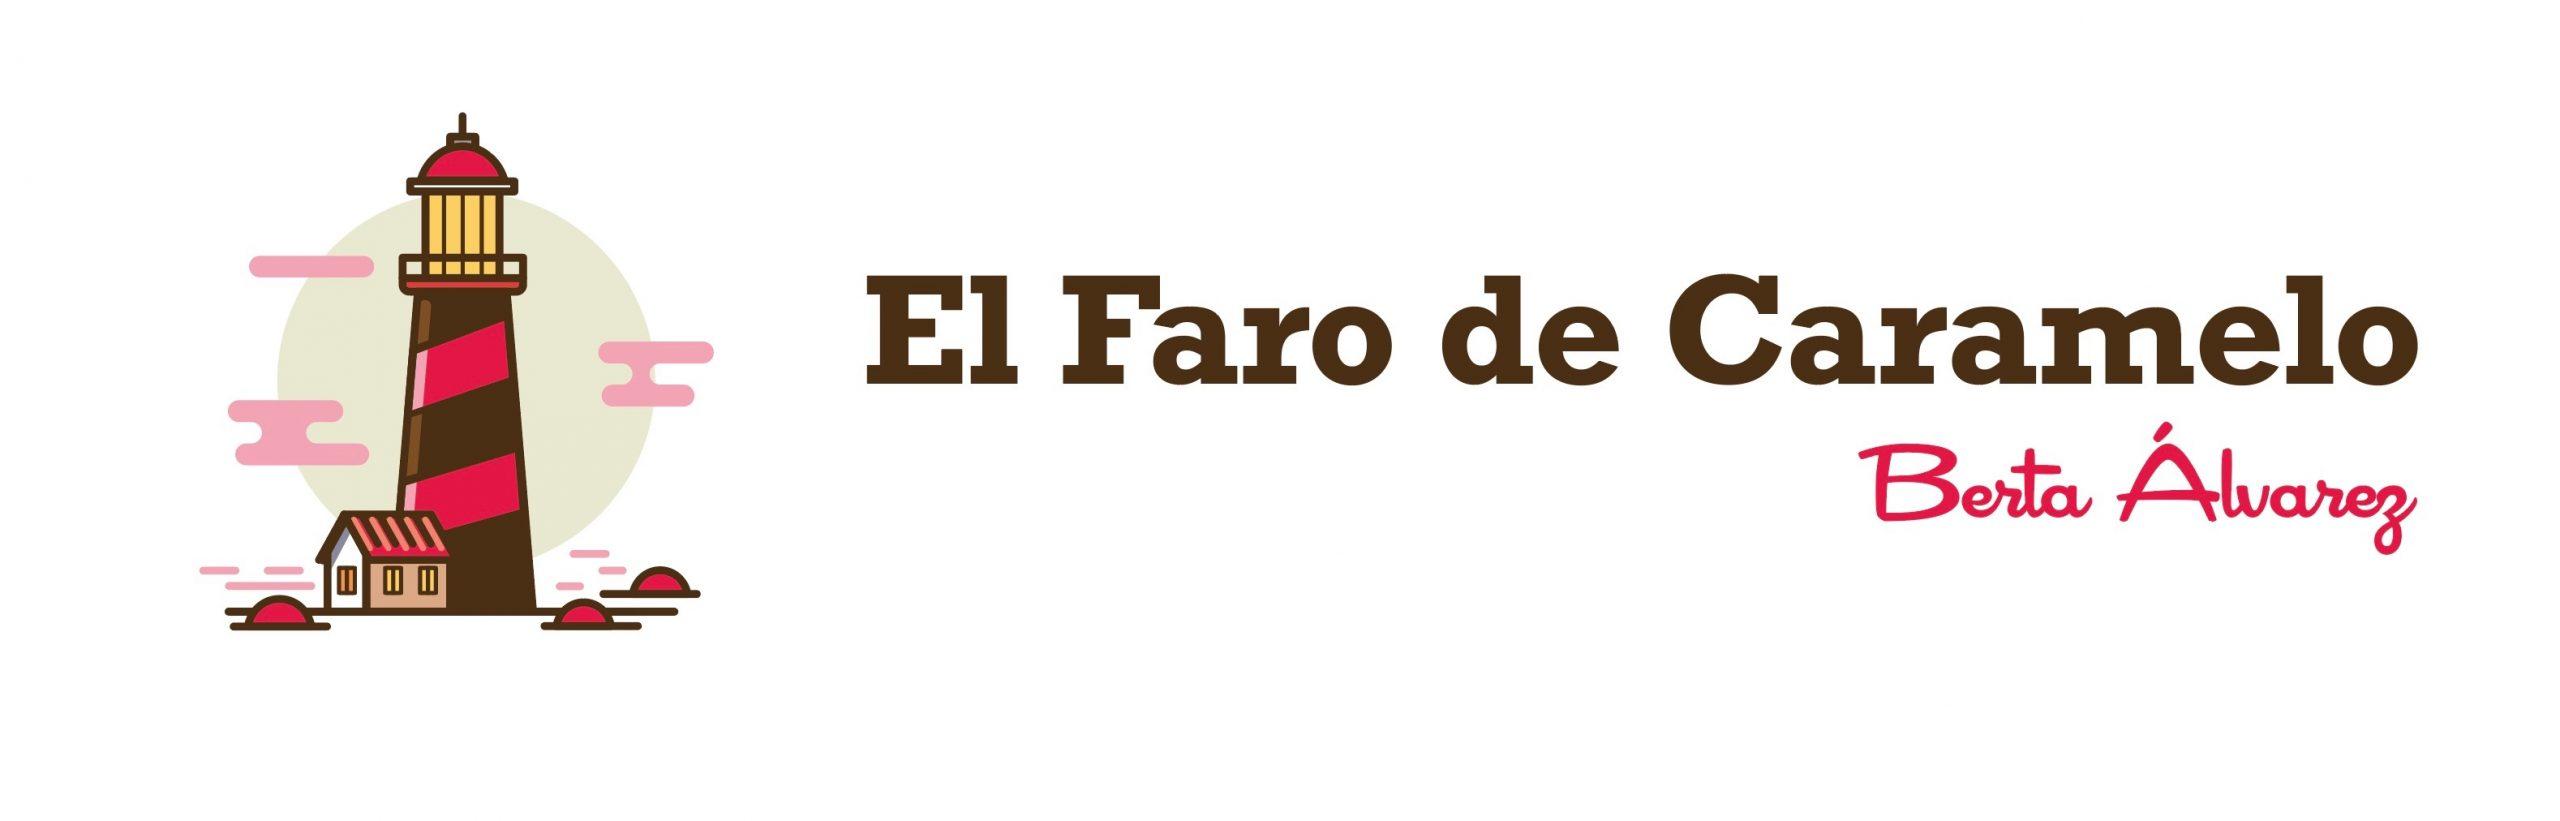 El Faro de Caramelo